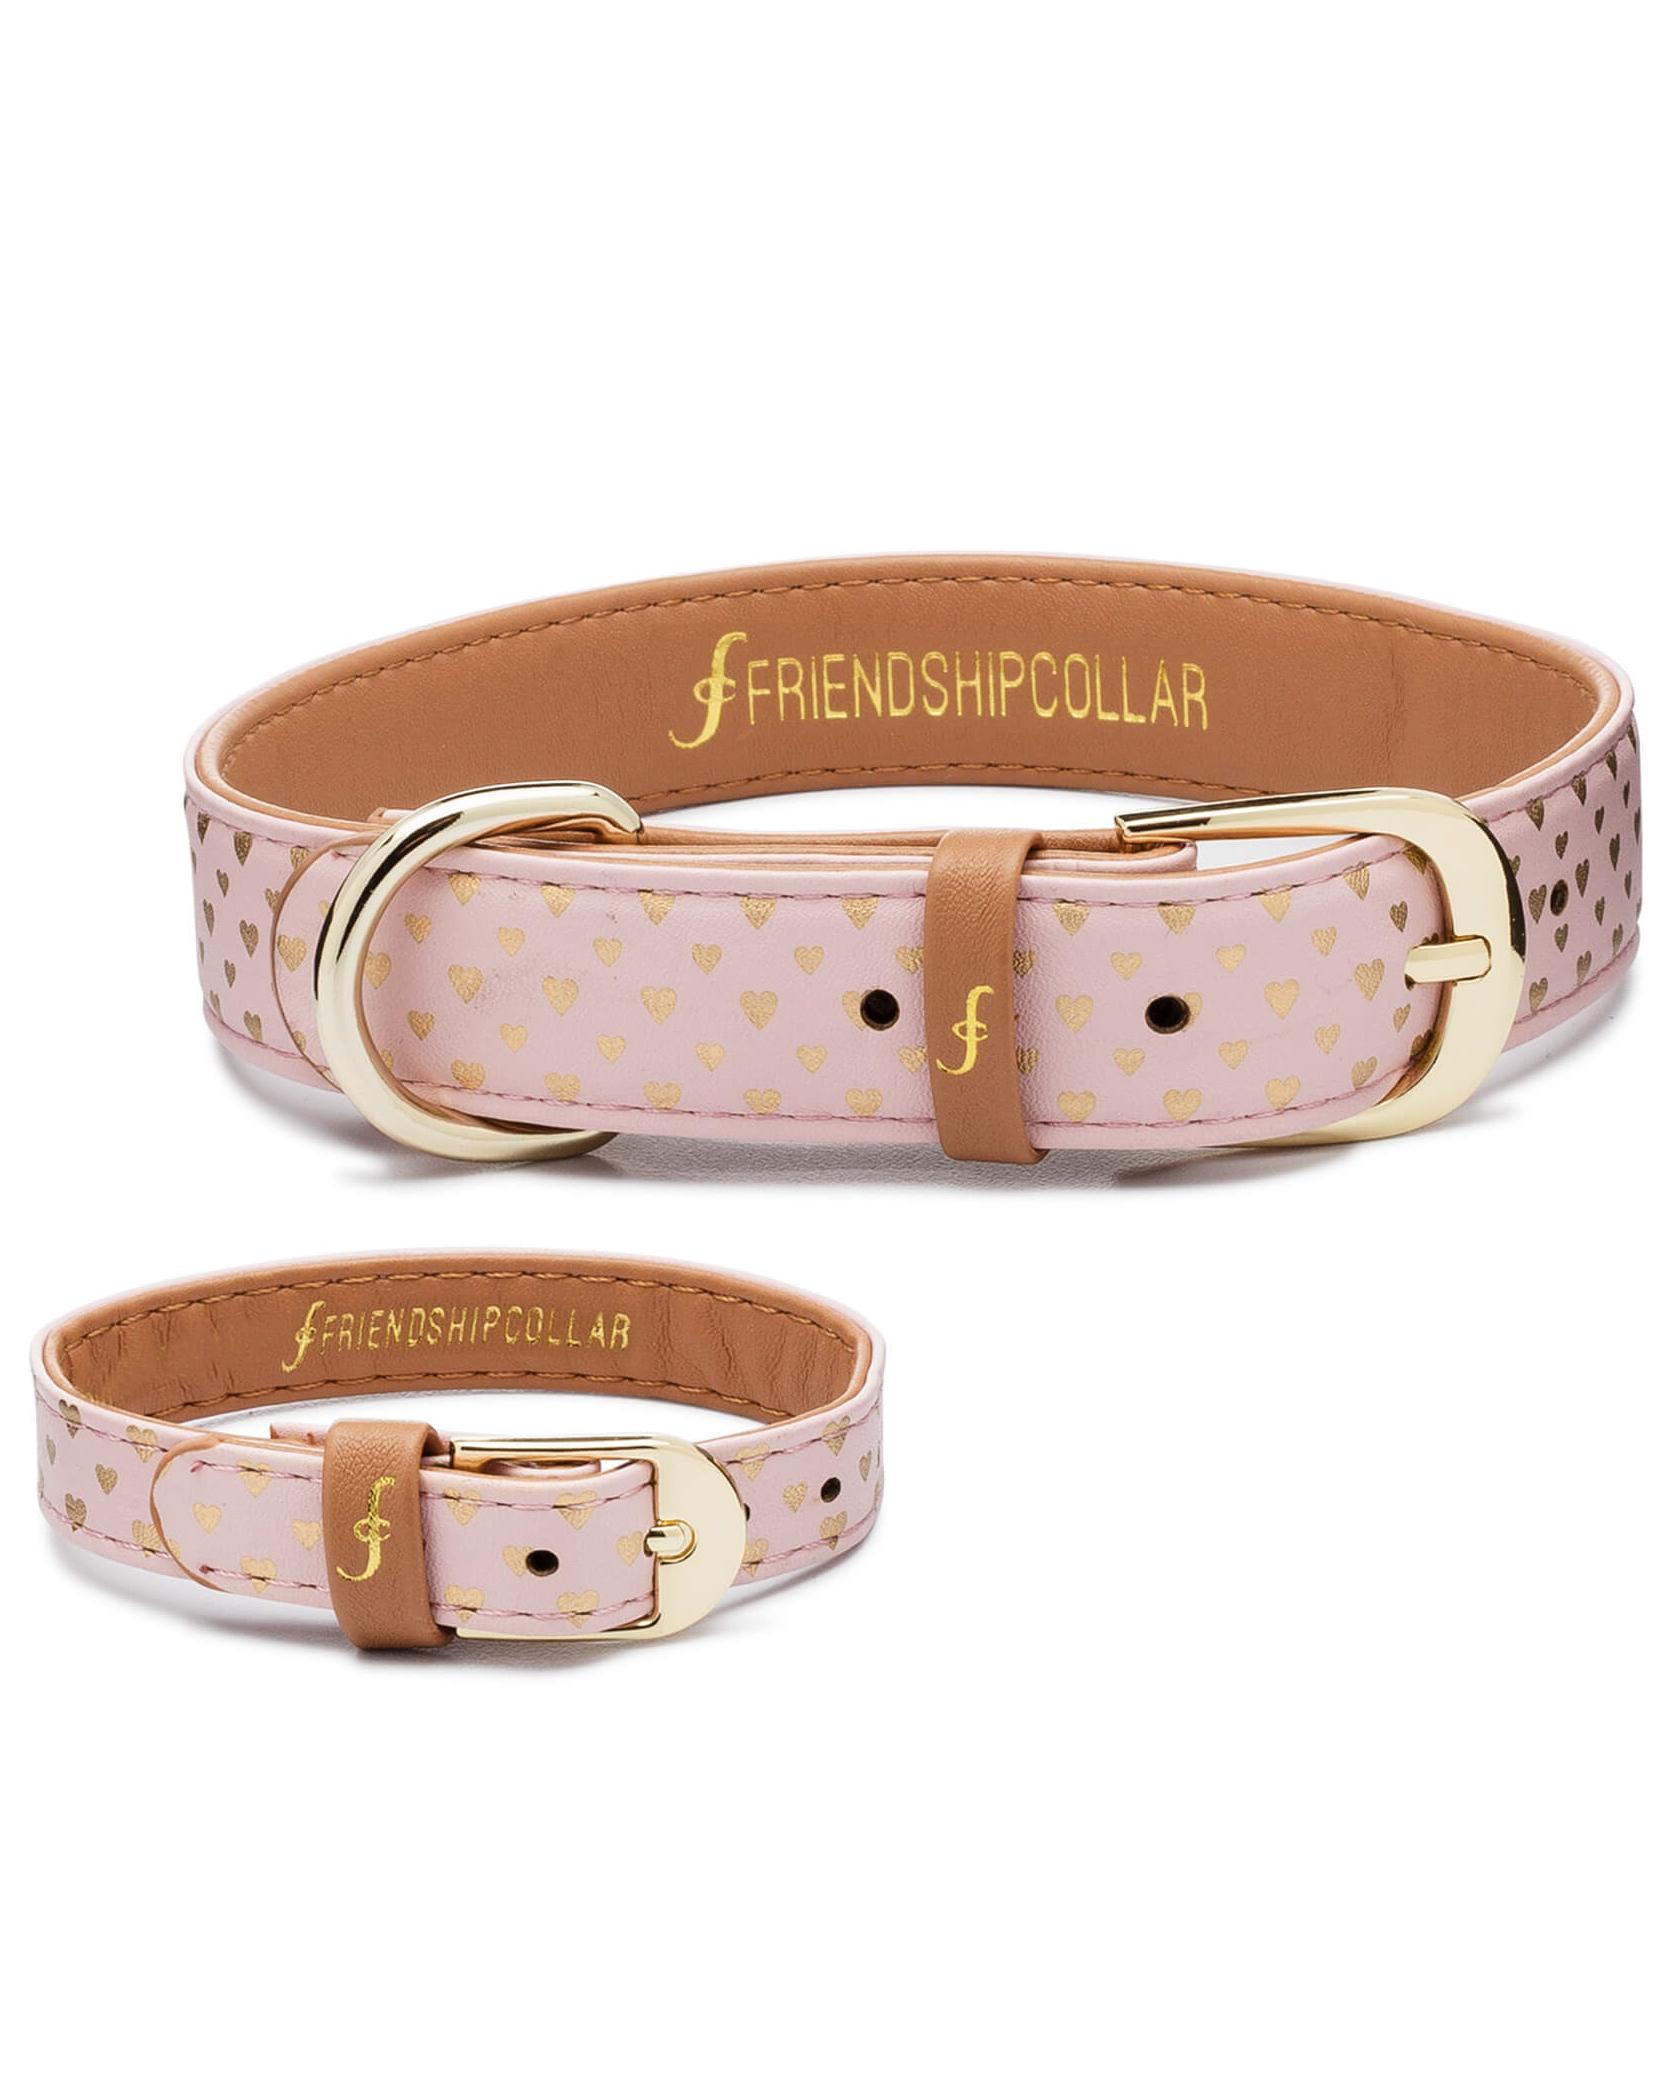 friendship puppy collar